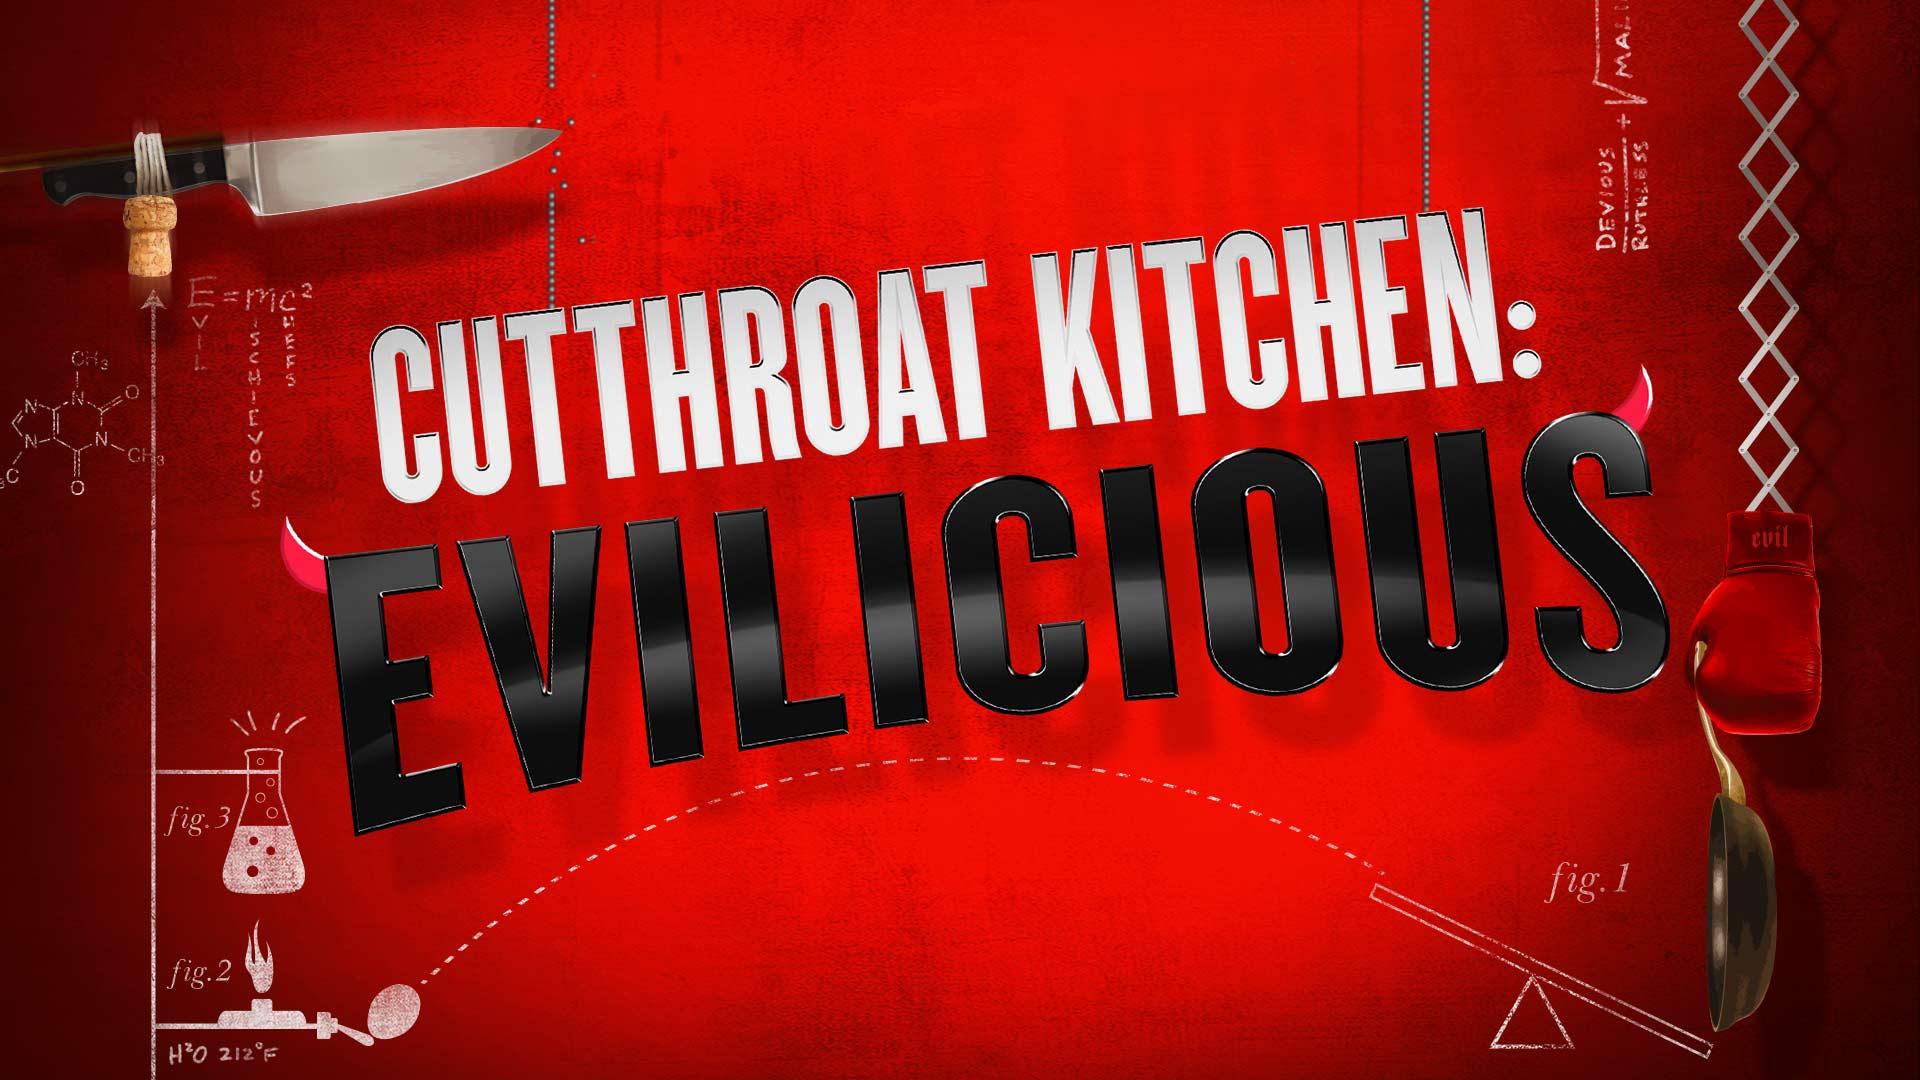 Cutthroat Kitchen episodes